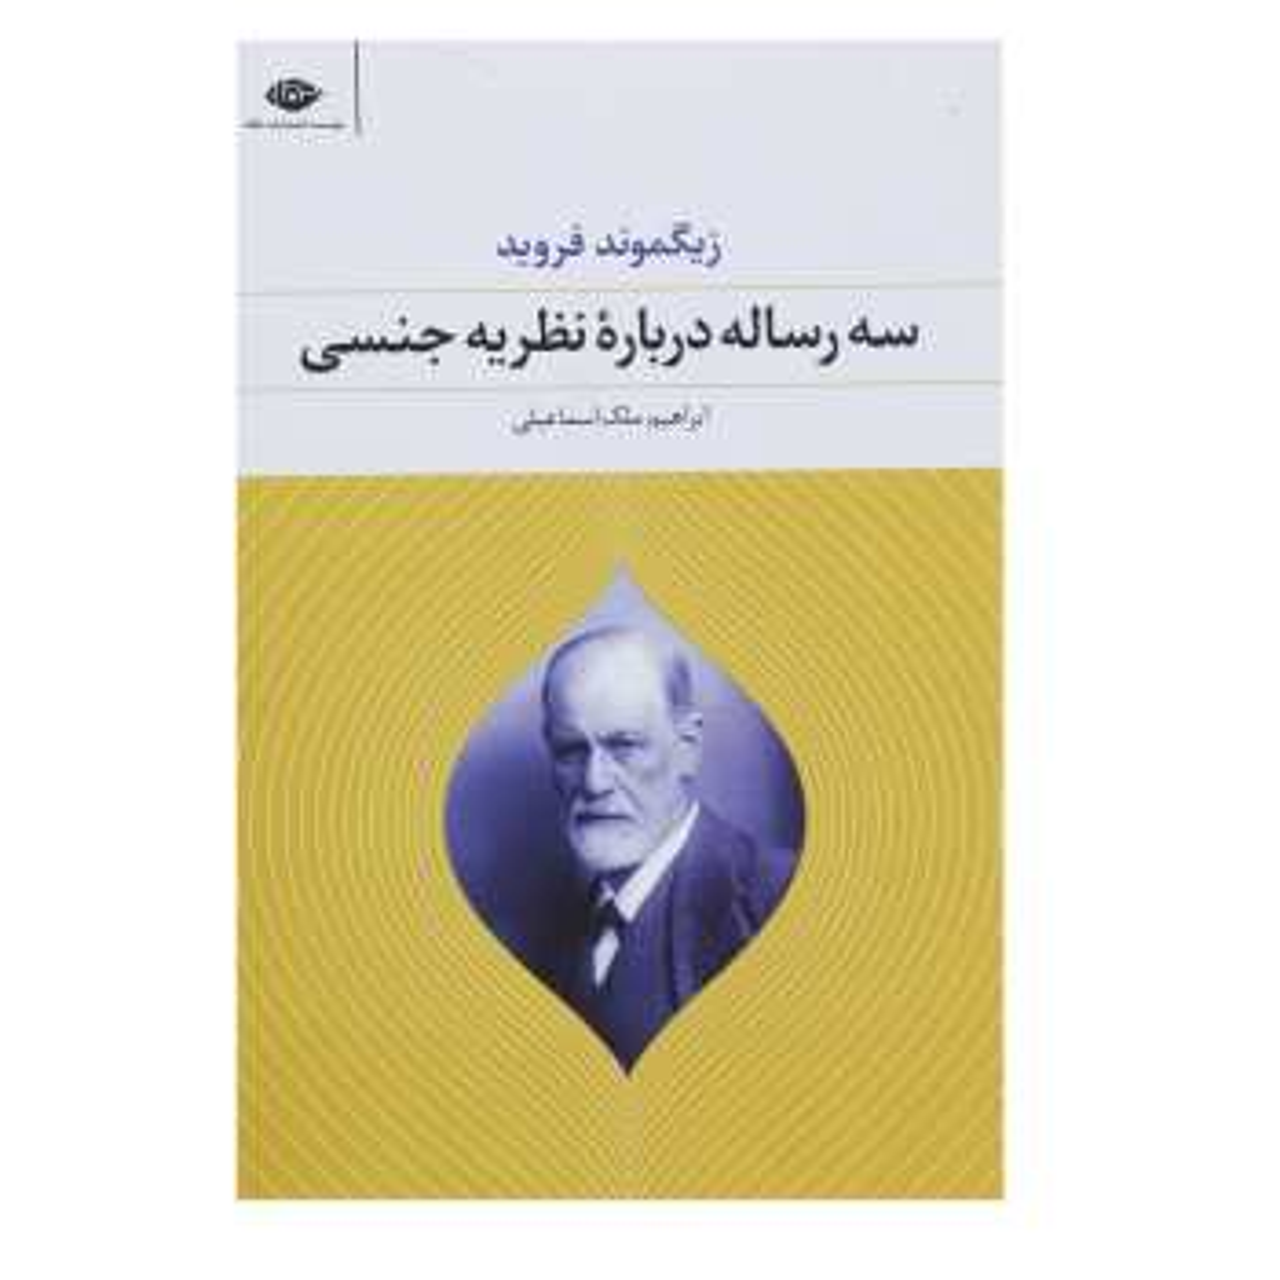 کتاب سه رساله درباره نظریه جنسی اثر زیگموند فروید